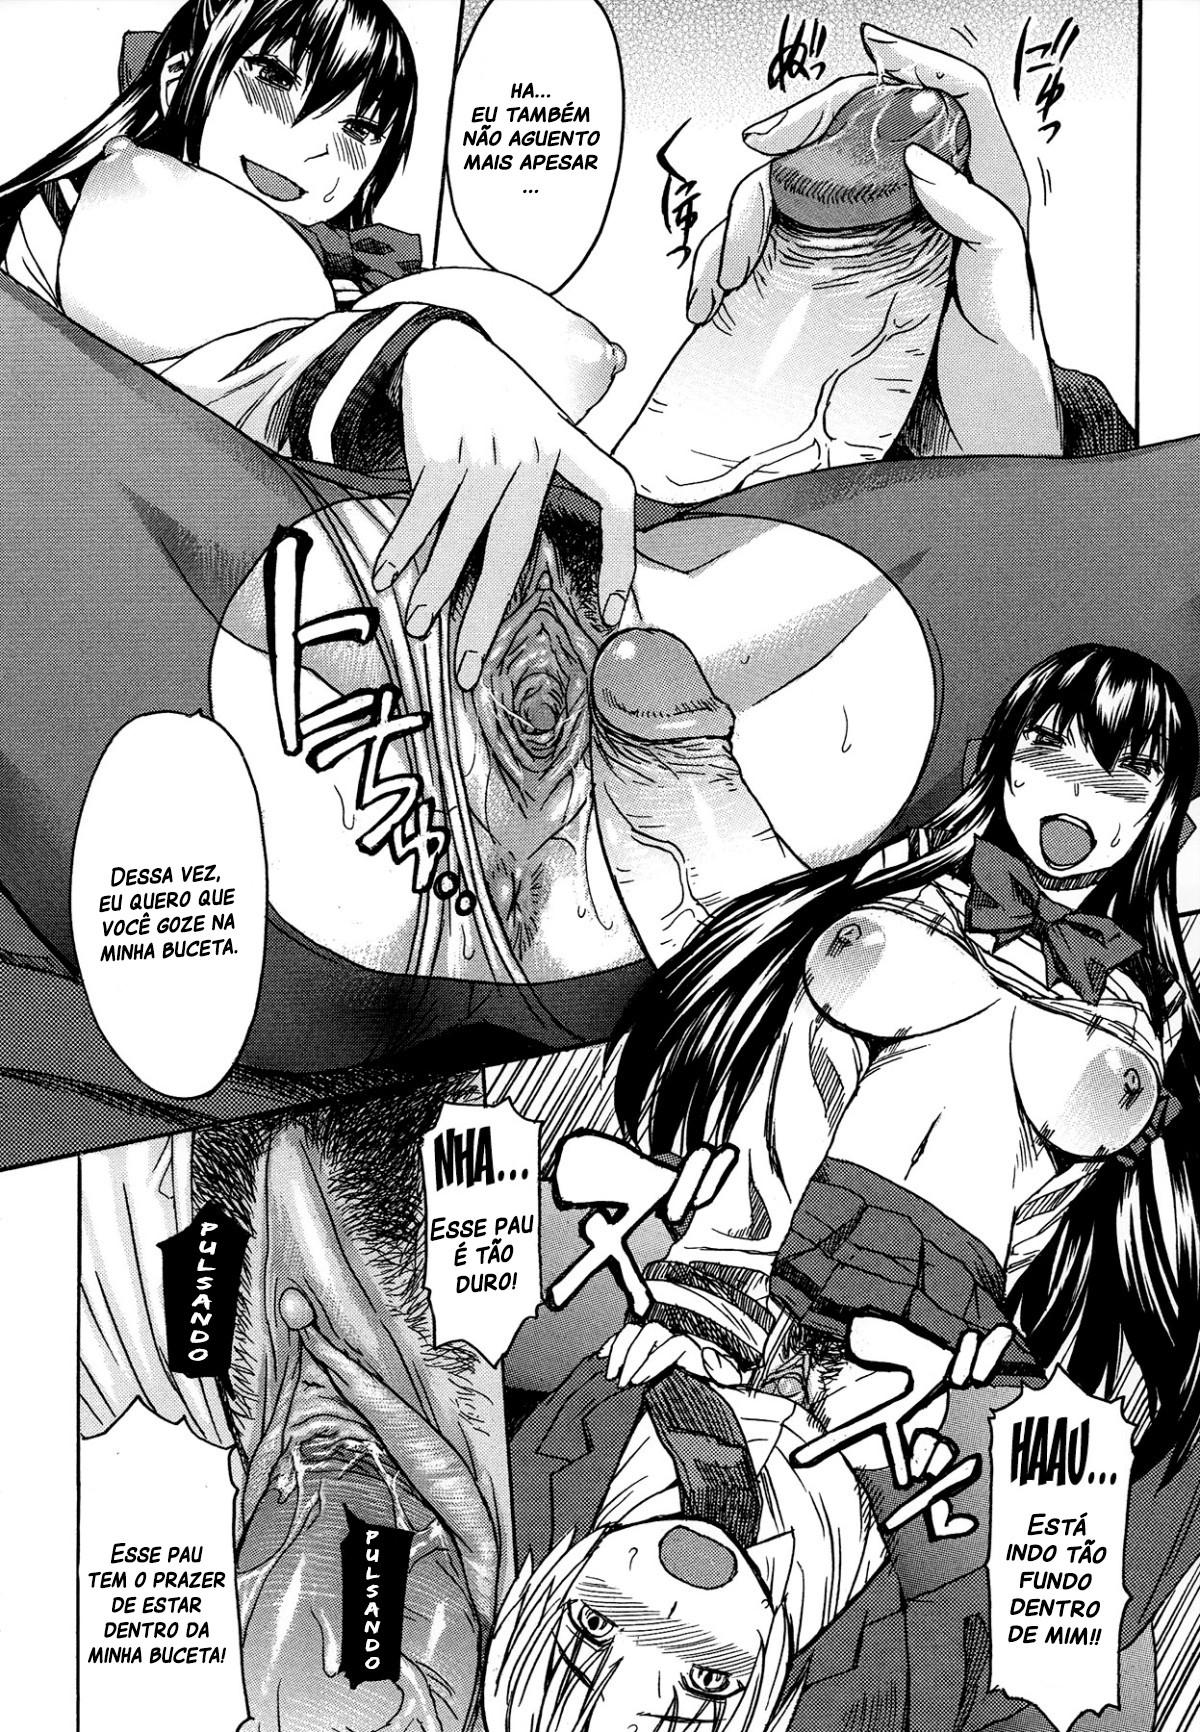 Ashigami Capitulo 5 - pagina 22